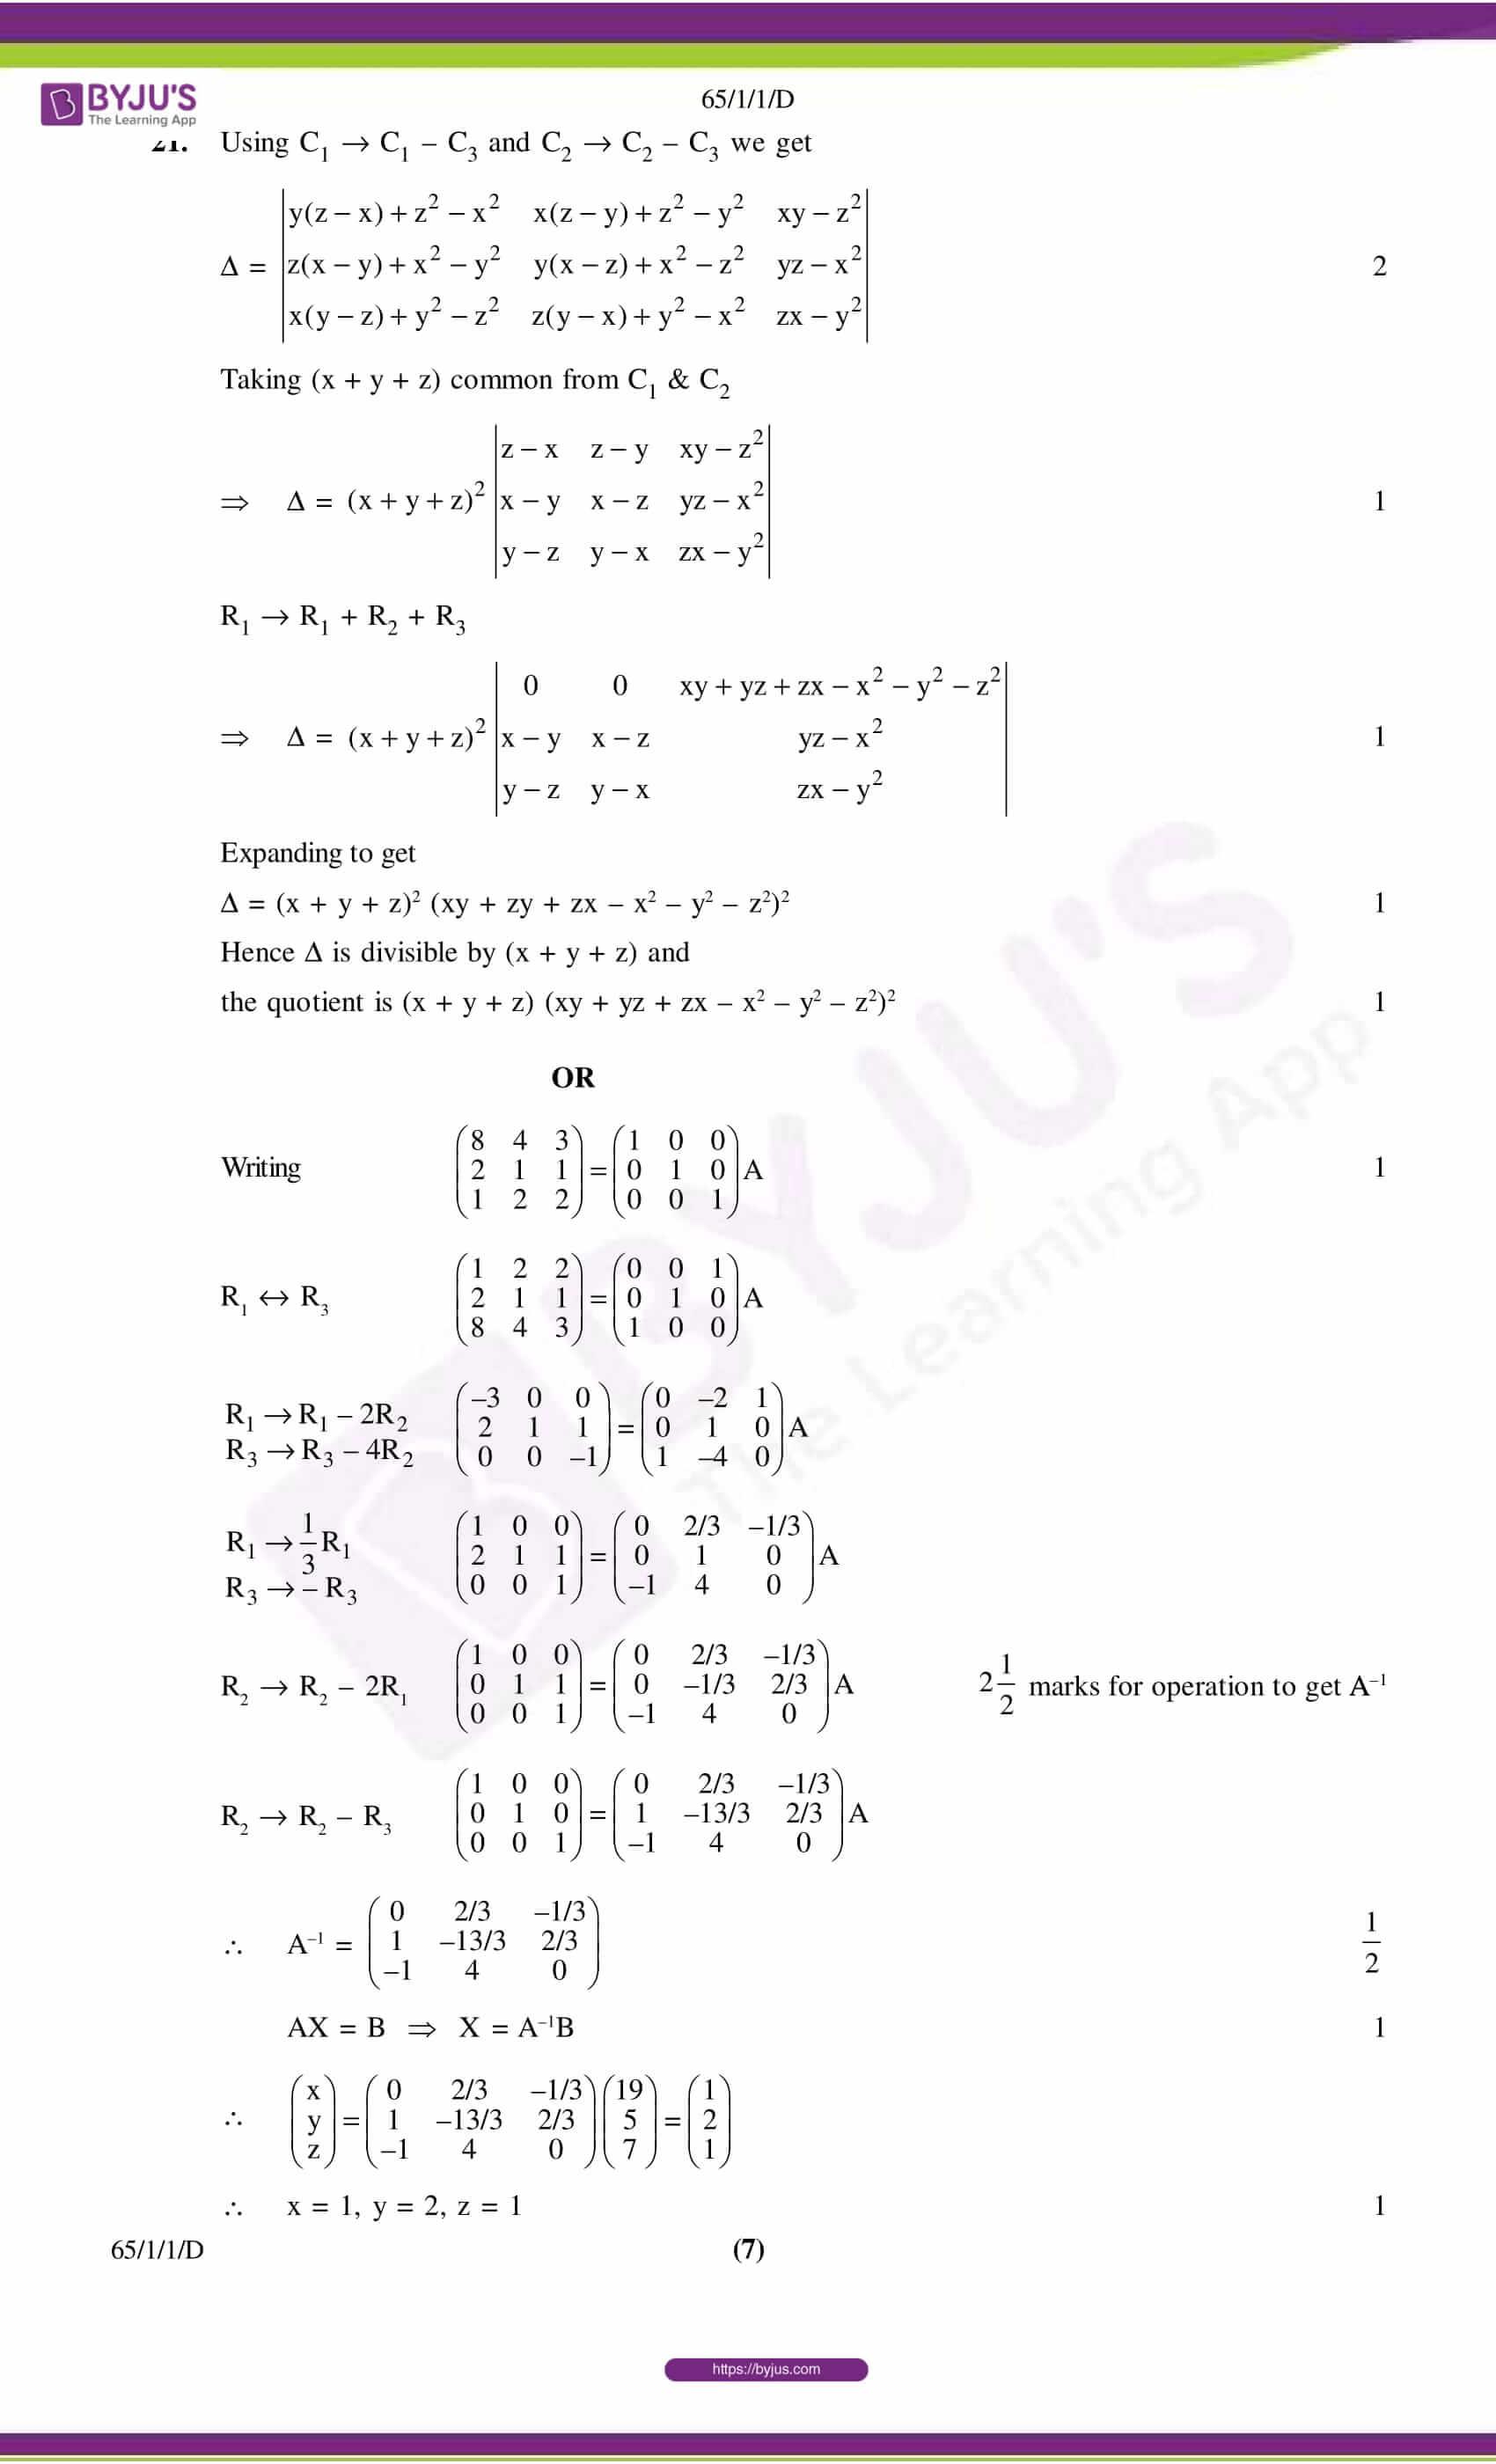 cbse class 12 maths 2016 solution set 1